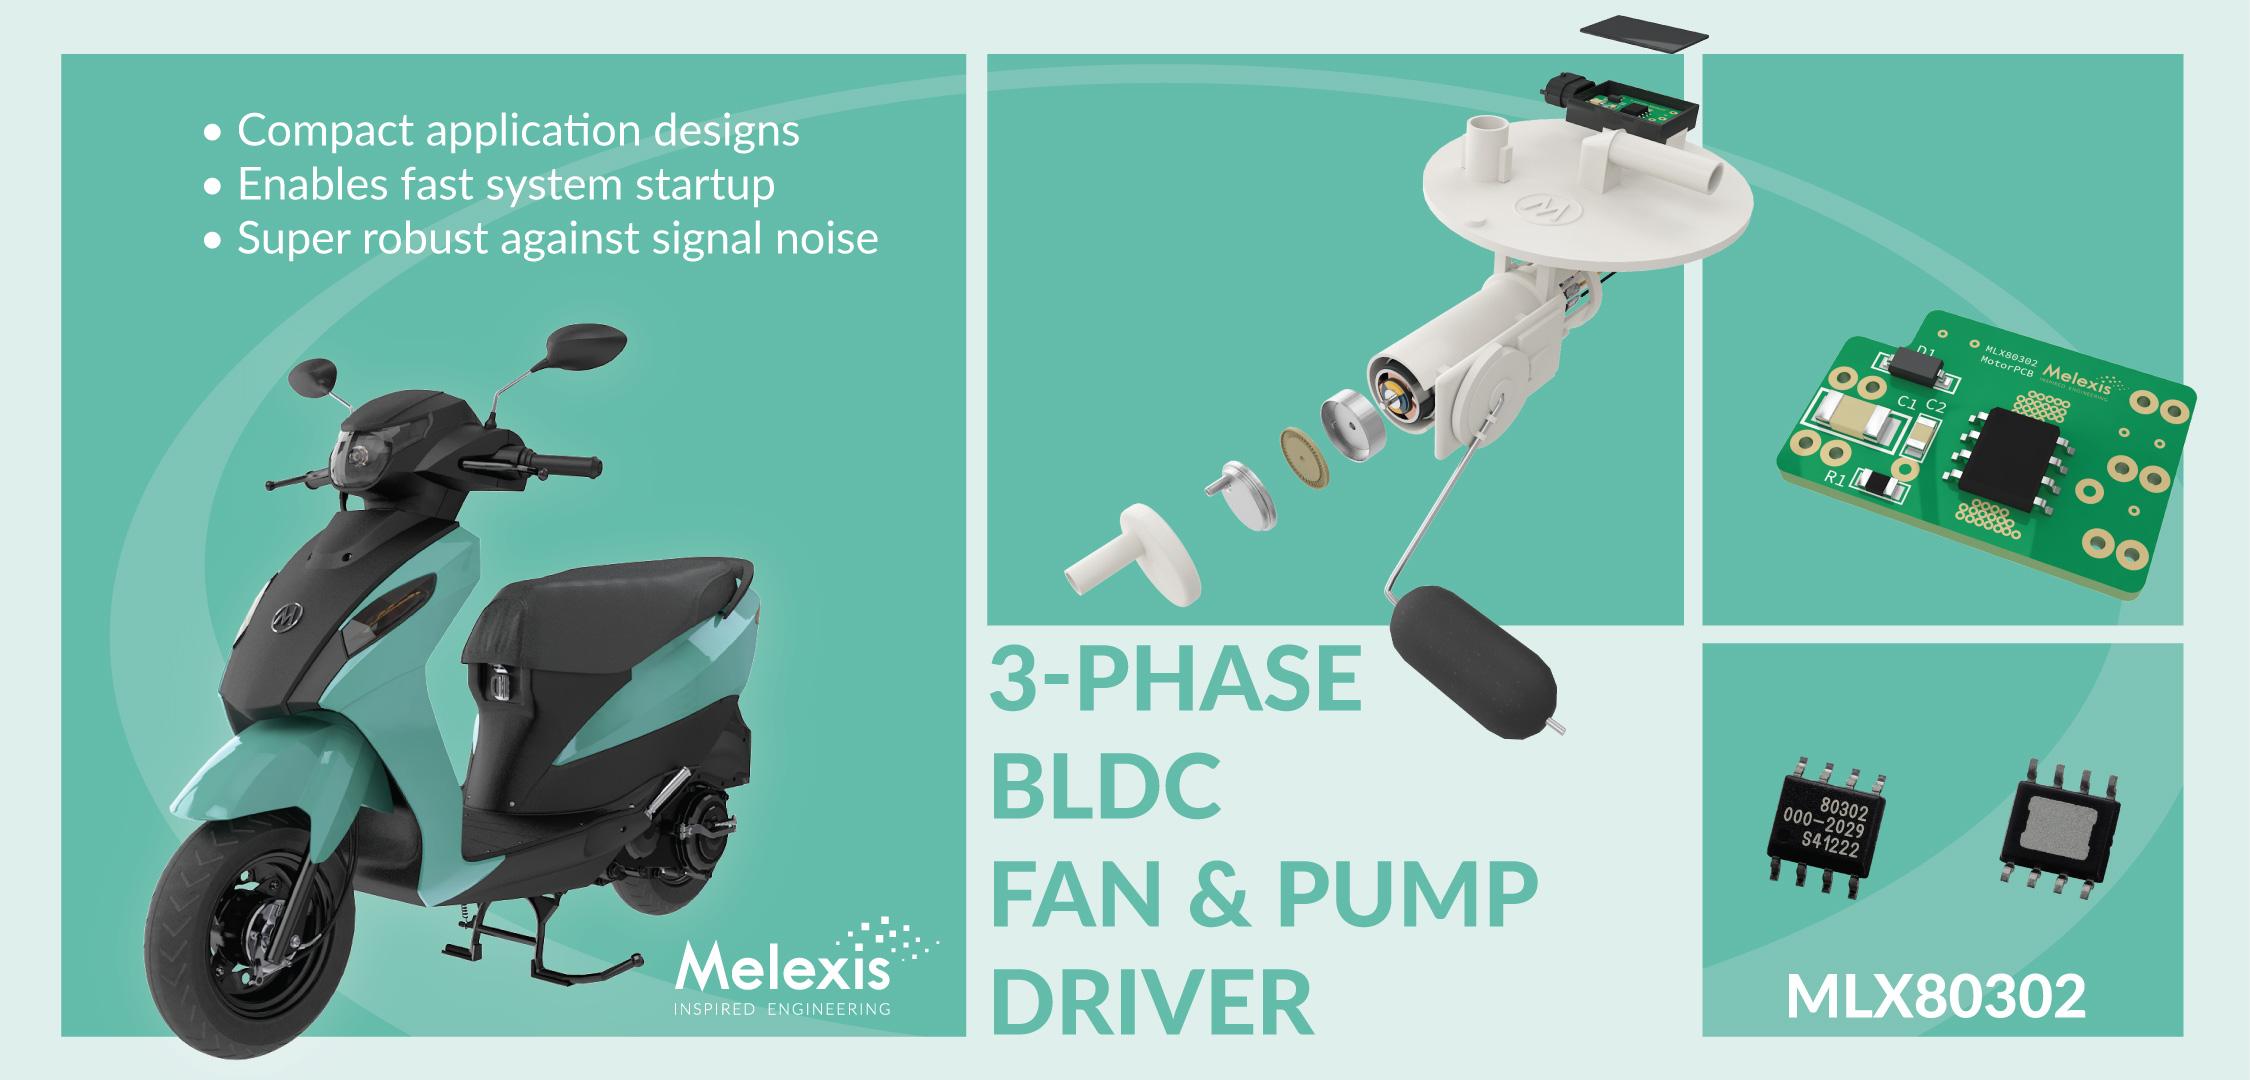 MLX 80302 帮助厂商应对严苛的环境标准